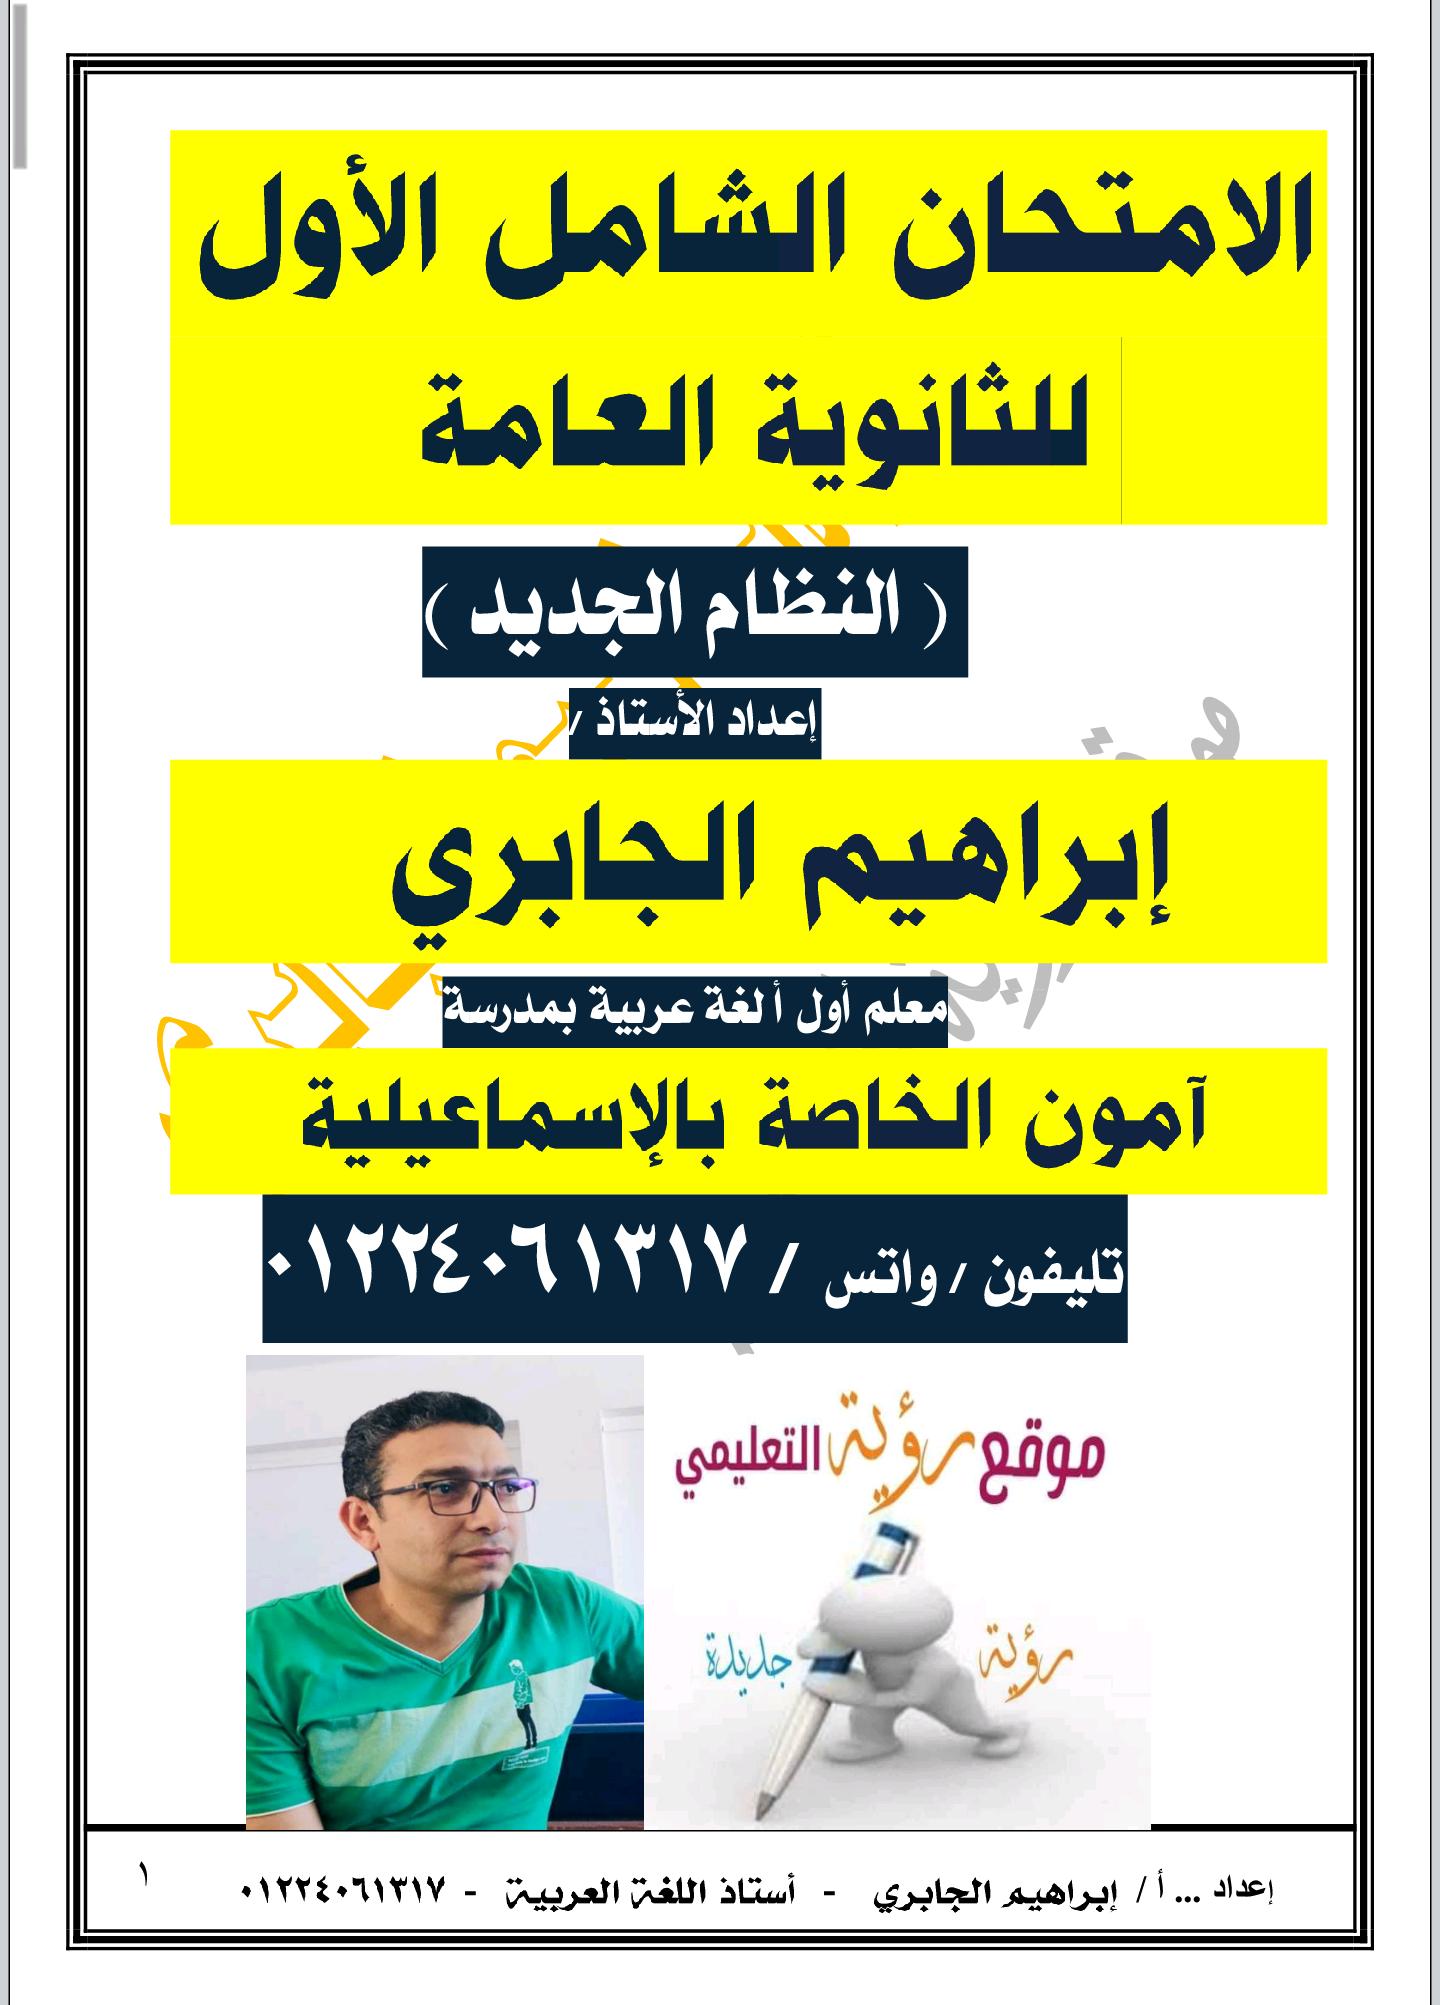 امتحان لغة عربية شامل للثانوية العامة نظام جديد 2021.. 70 سؤالا بالإجابات النموذجية Screenshot_%25D9%25A2%25D9%25A0%25D9%25A2%25D9%25A1-%25D9%25A0%25D9%25A4-%25D9%25A1%25D9%25A5-%25D9%25A0%25D9%25A1-%25D9%25A4%25D9%25A0-%25D9%25A4%25D9%25A7-1